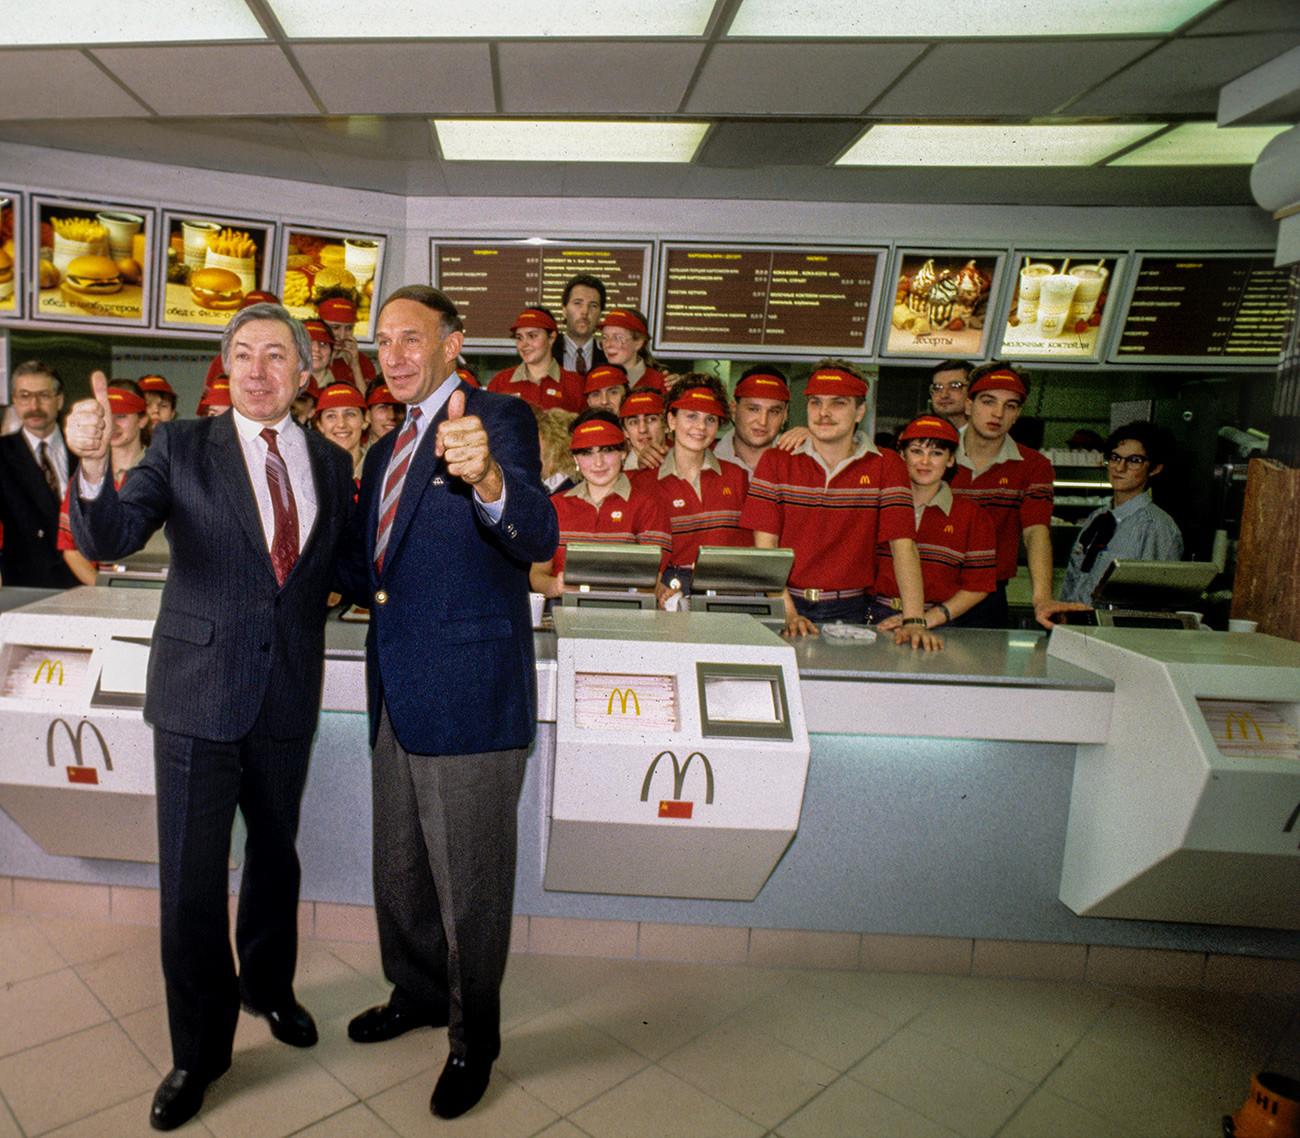 Vladimir Mališkov (lijevo), rukovoditelj zajedničkog sovjetsko-kanadskog restorana McDonald's, predsjednik upravnog odbora, i George A. Cohon, zamjenik šefa restorana McDonald's.